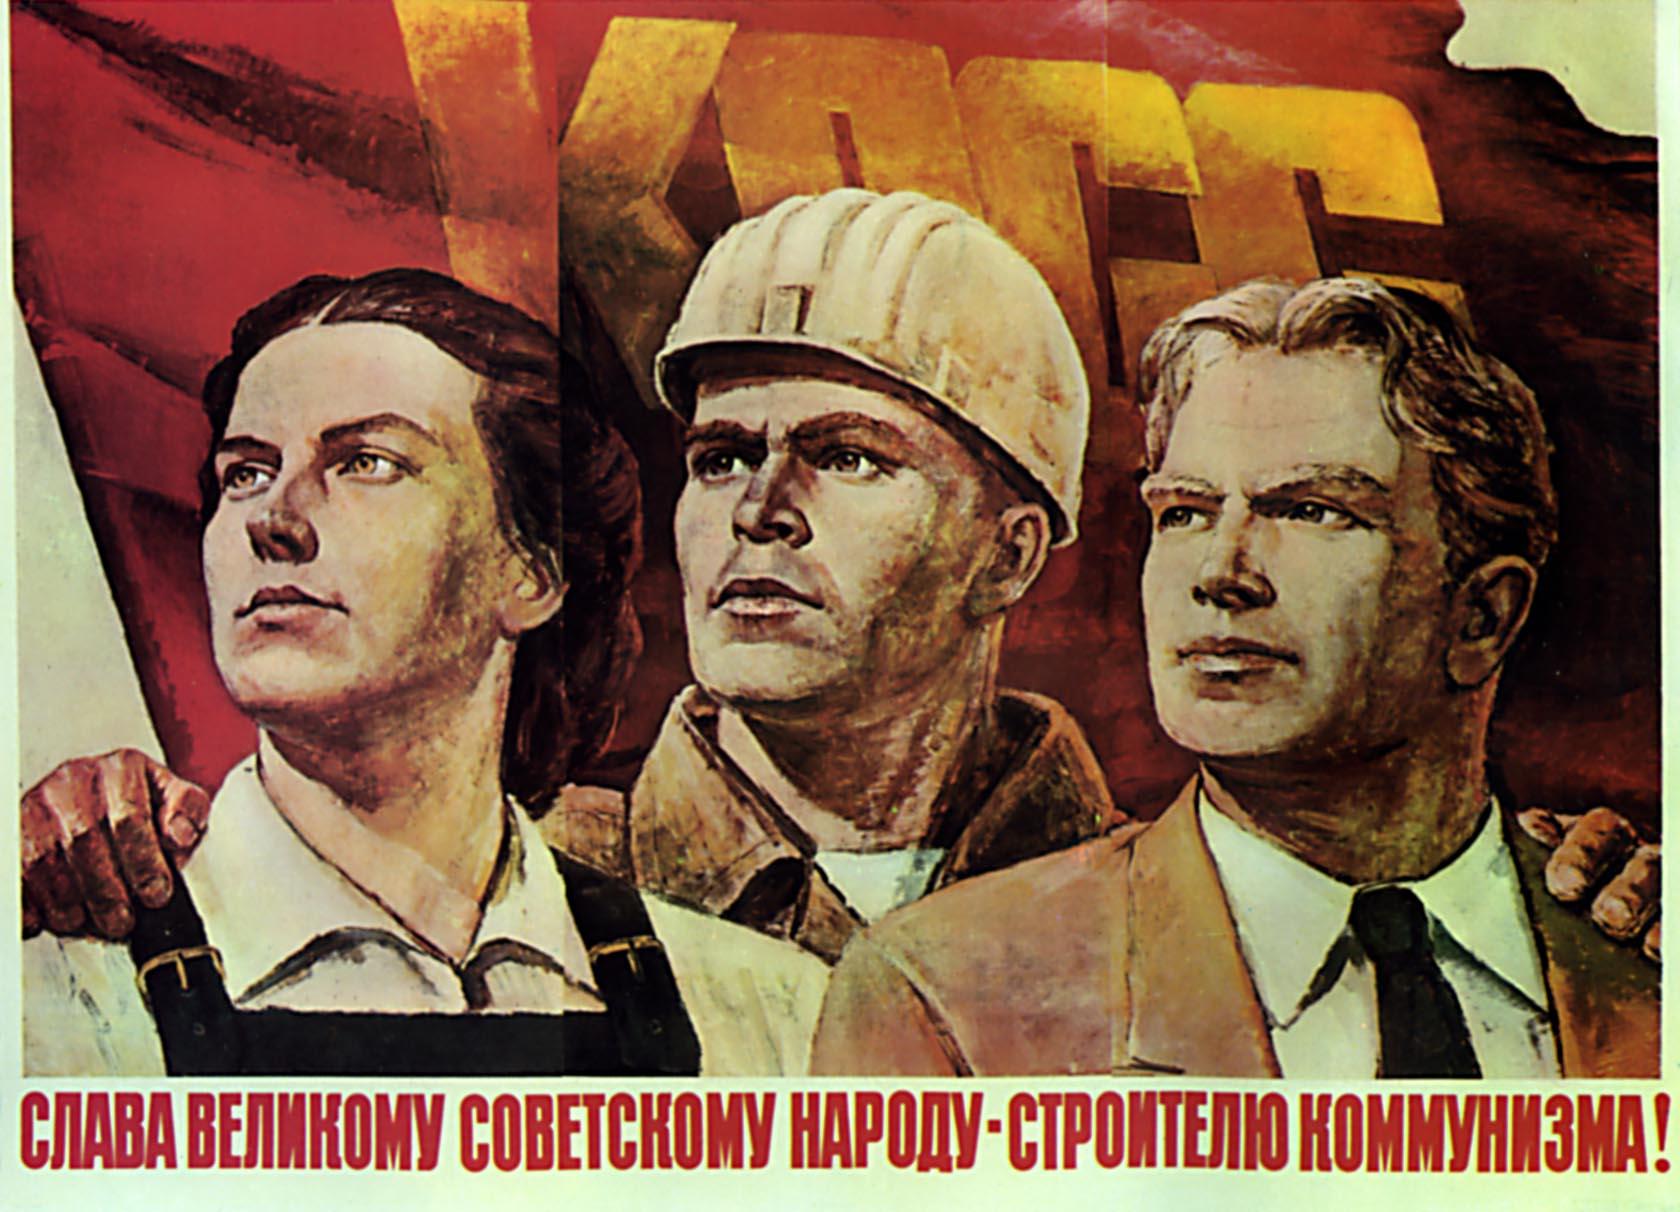 Сравнил покупательную способность людей в СССР и в наше время, показываю реальные цифры